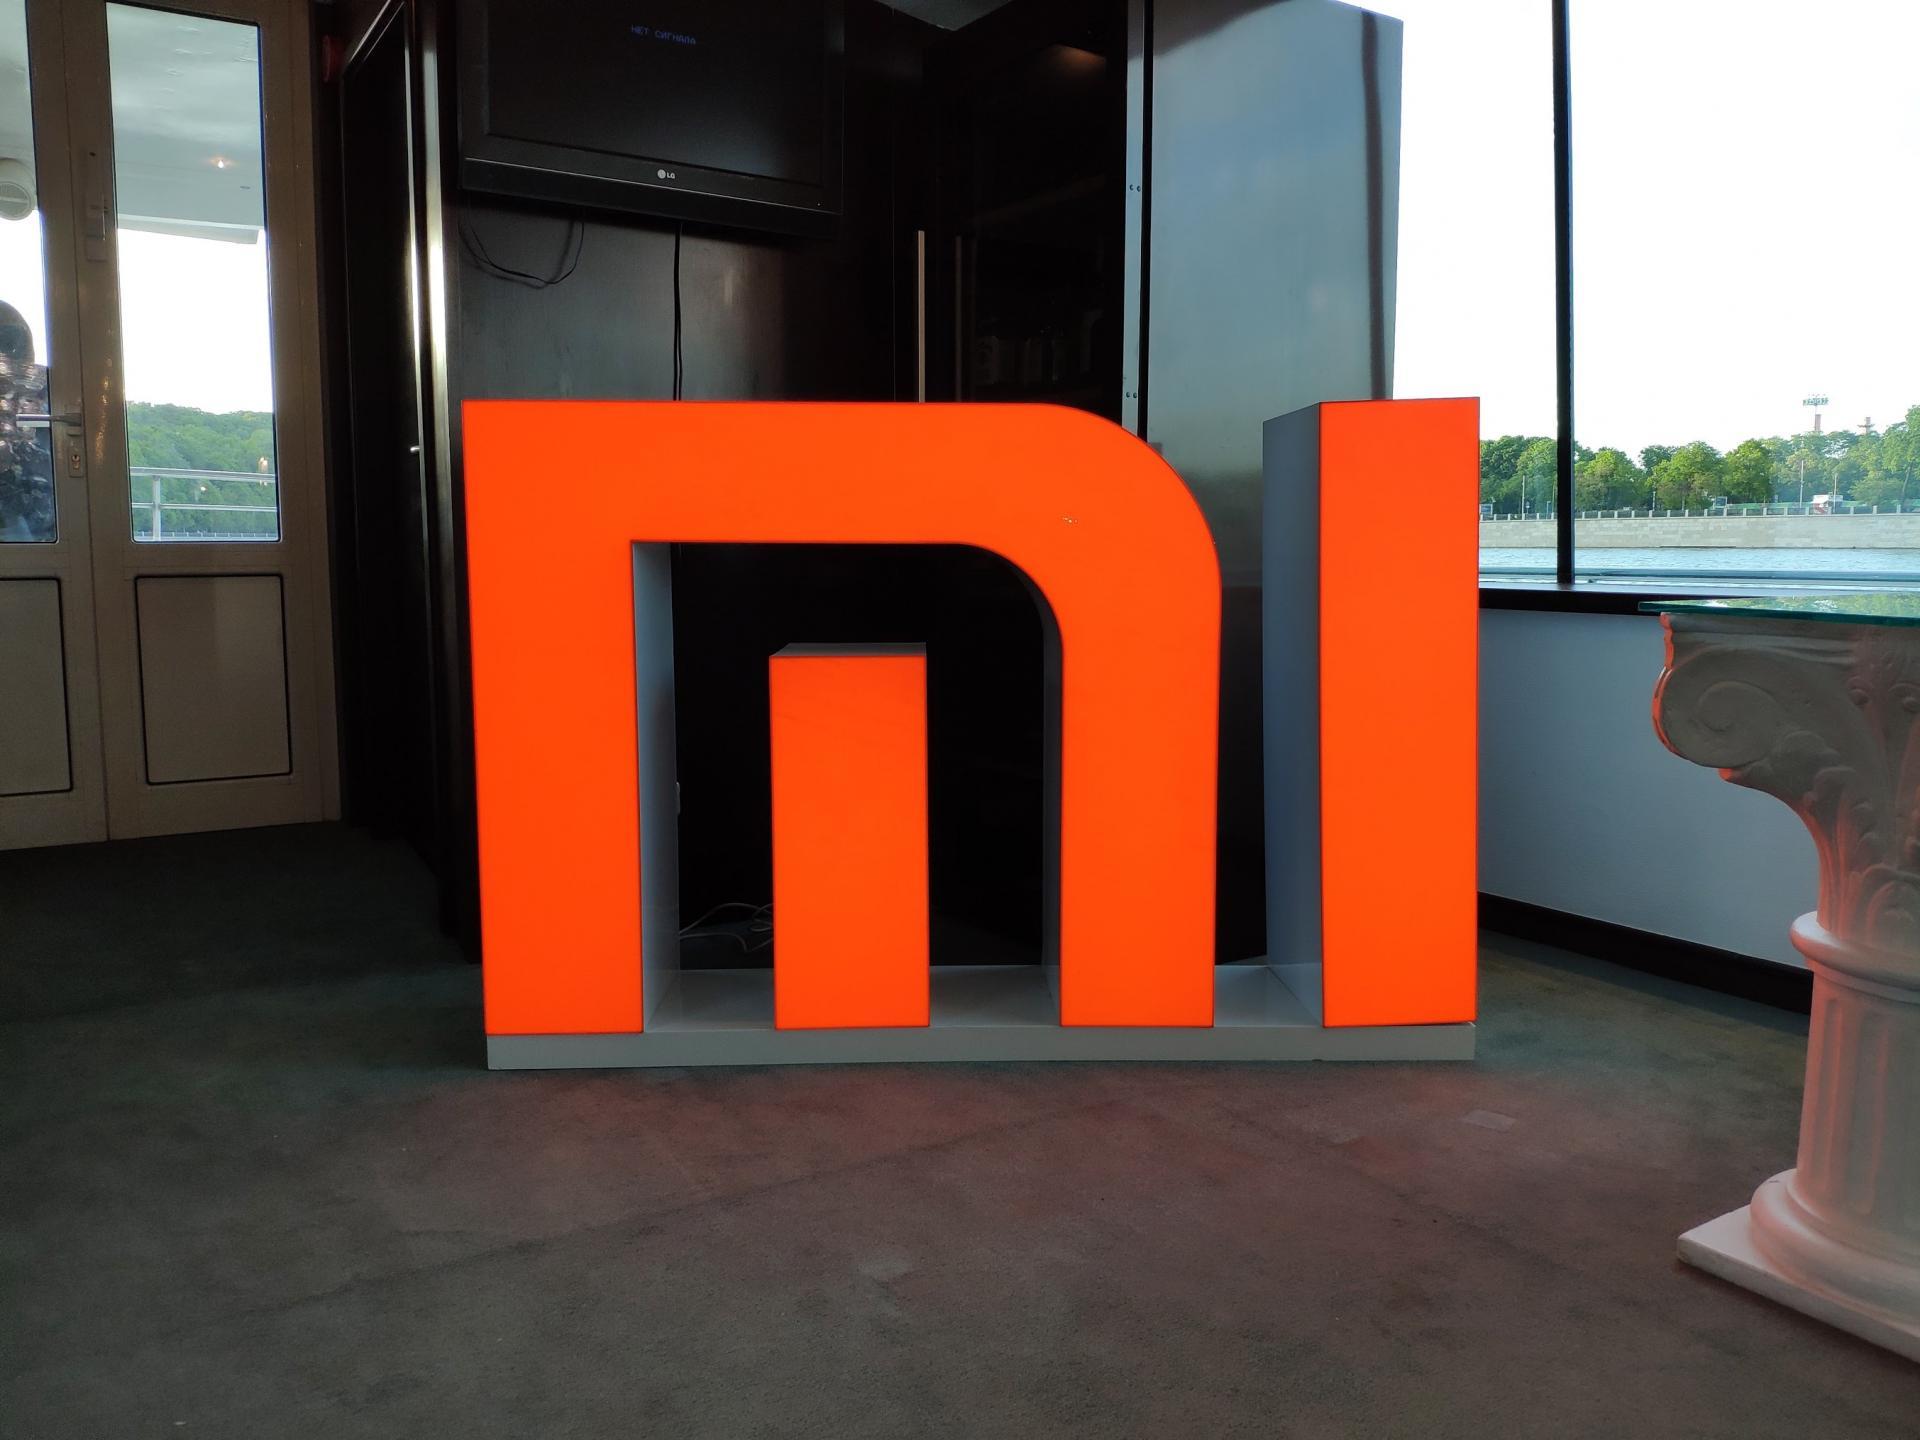 Скидки всем: Xiaomi объявила снижение цен насмартфоны